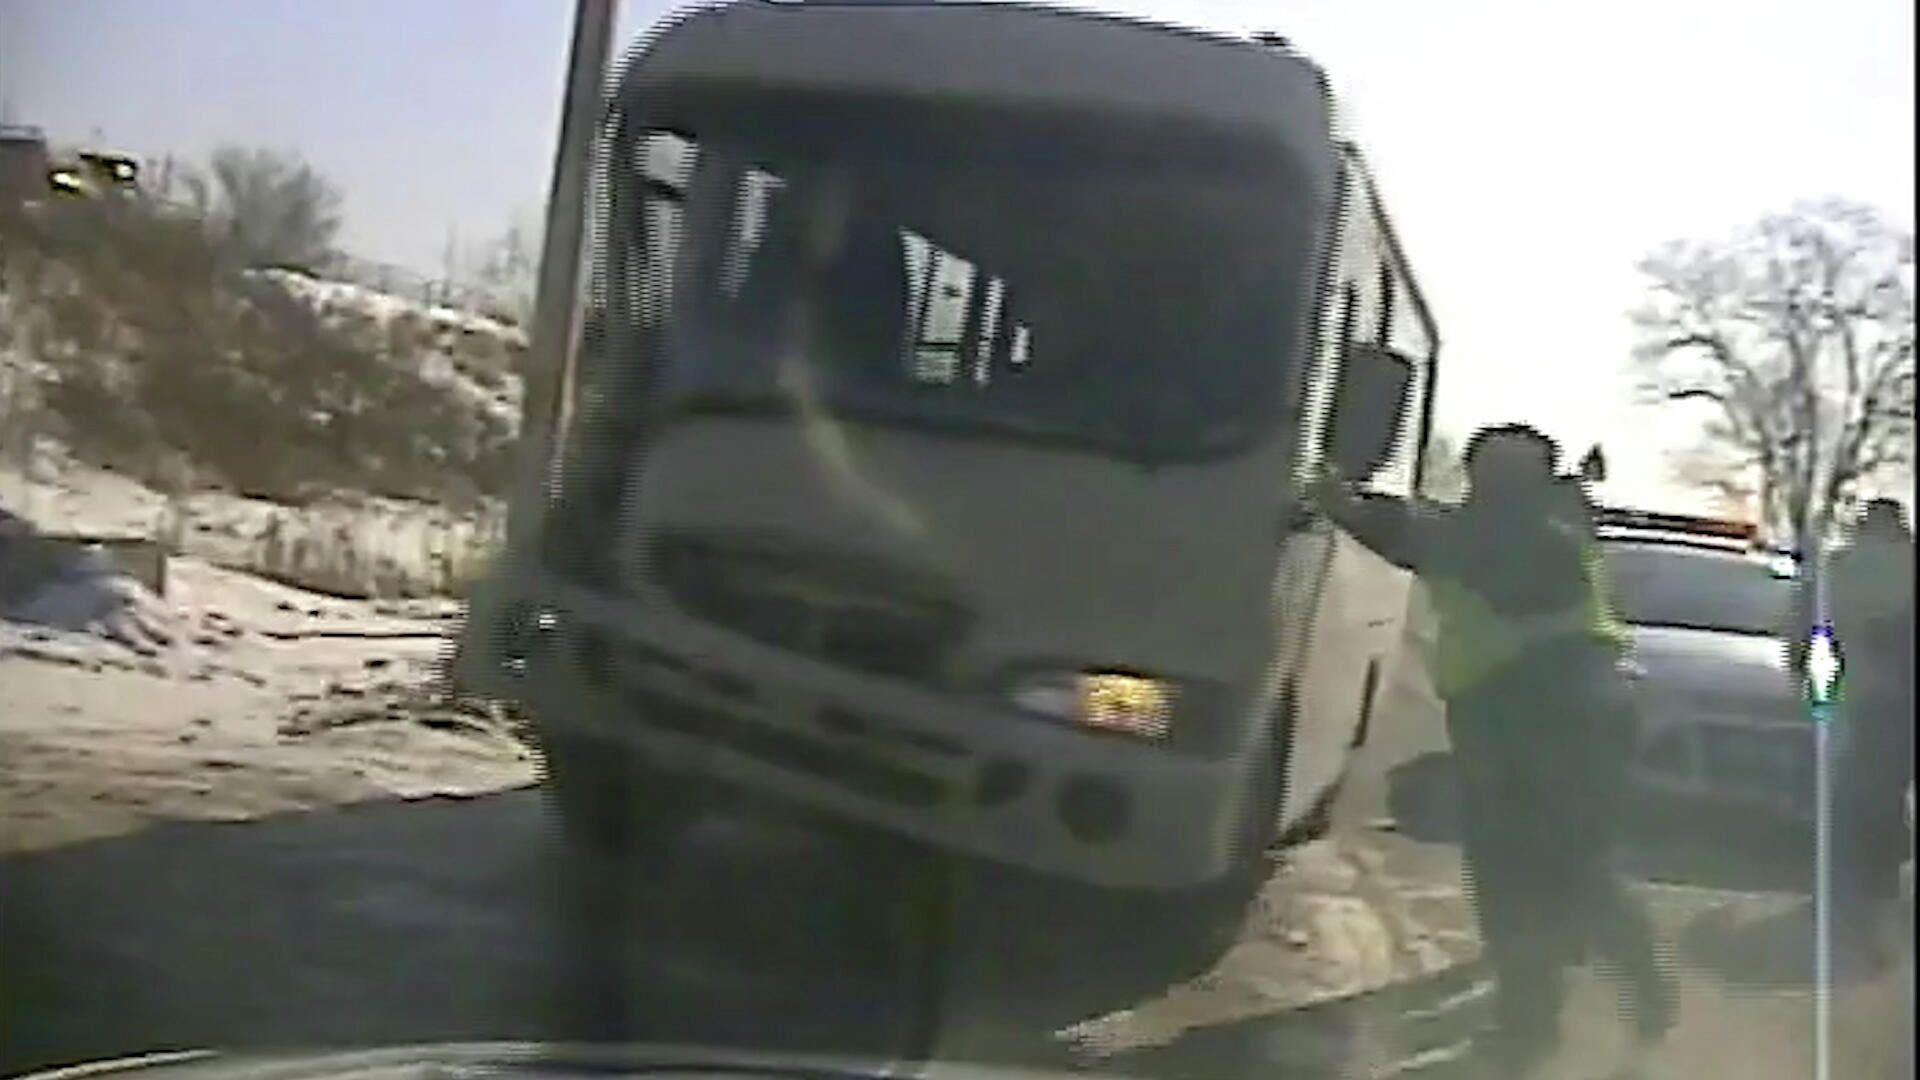 Пьяный водитель в городе Артем угнал пассажирский автобус Hyundai County с территории организации и устроил погоню на трассе Хабаровск-Владивосток - РИА Новости, 1920, 03.02.2021